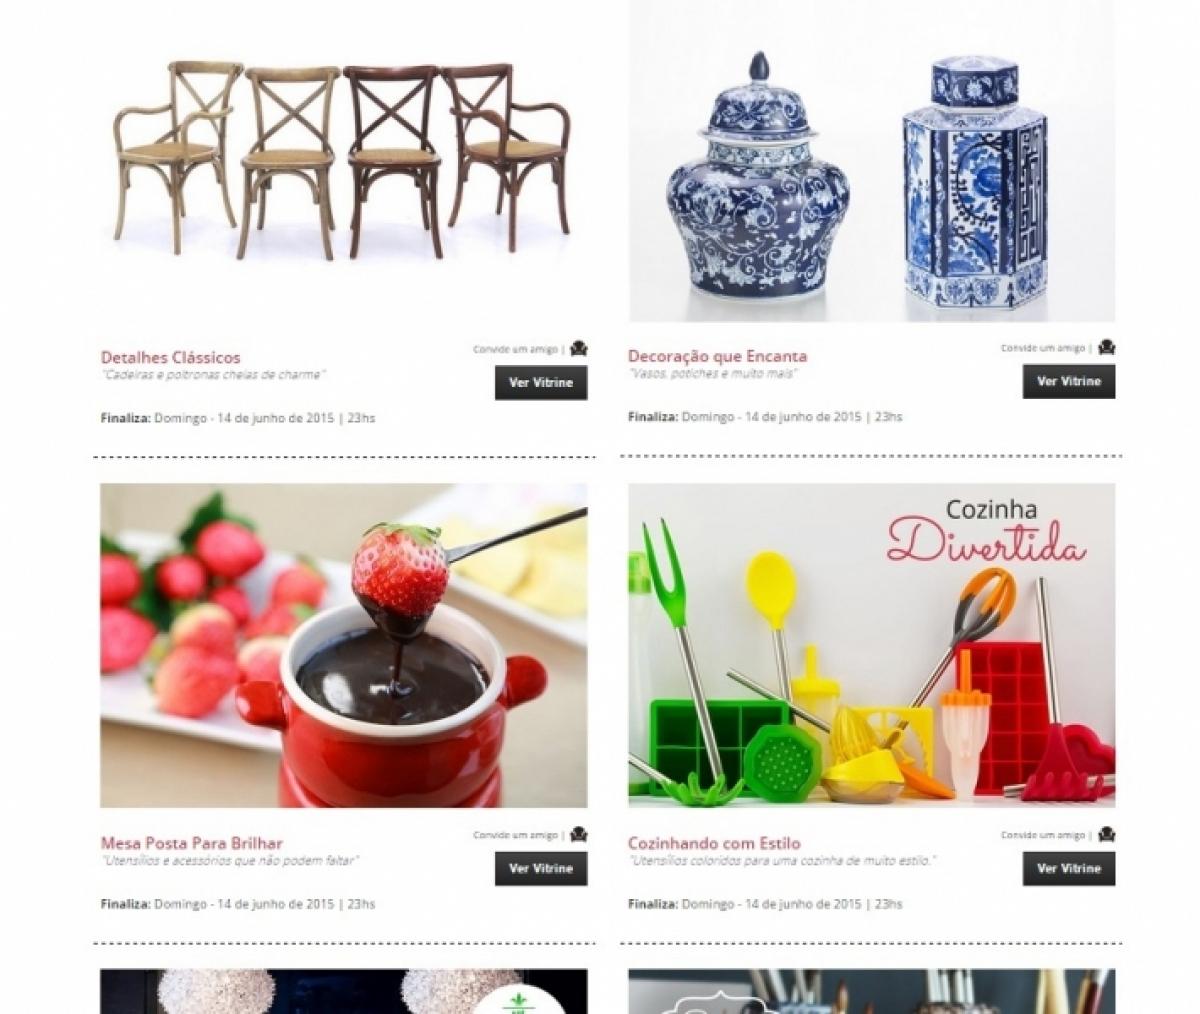 Vendo Loja Virtual (e-commerce) - funcionando